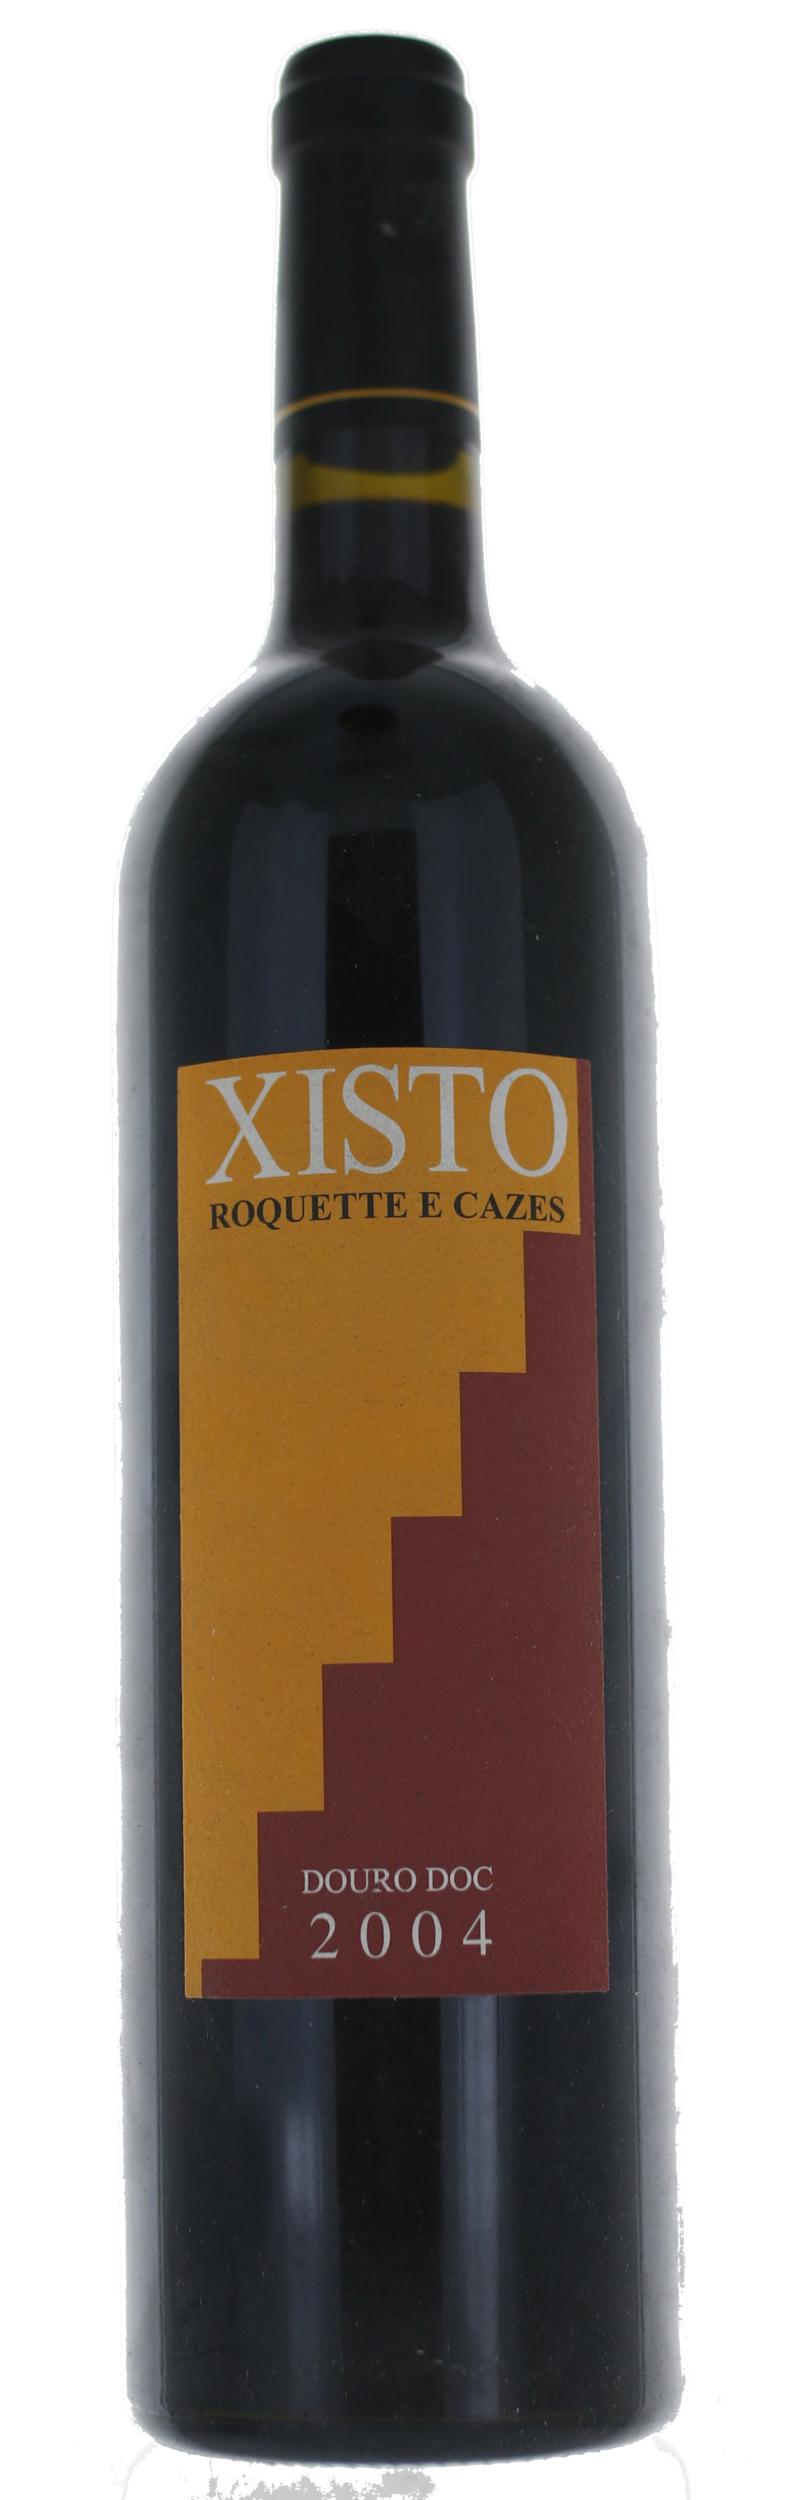 Xisto Roquette Ecozes - 2004